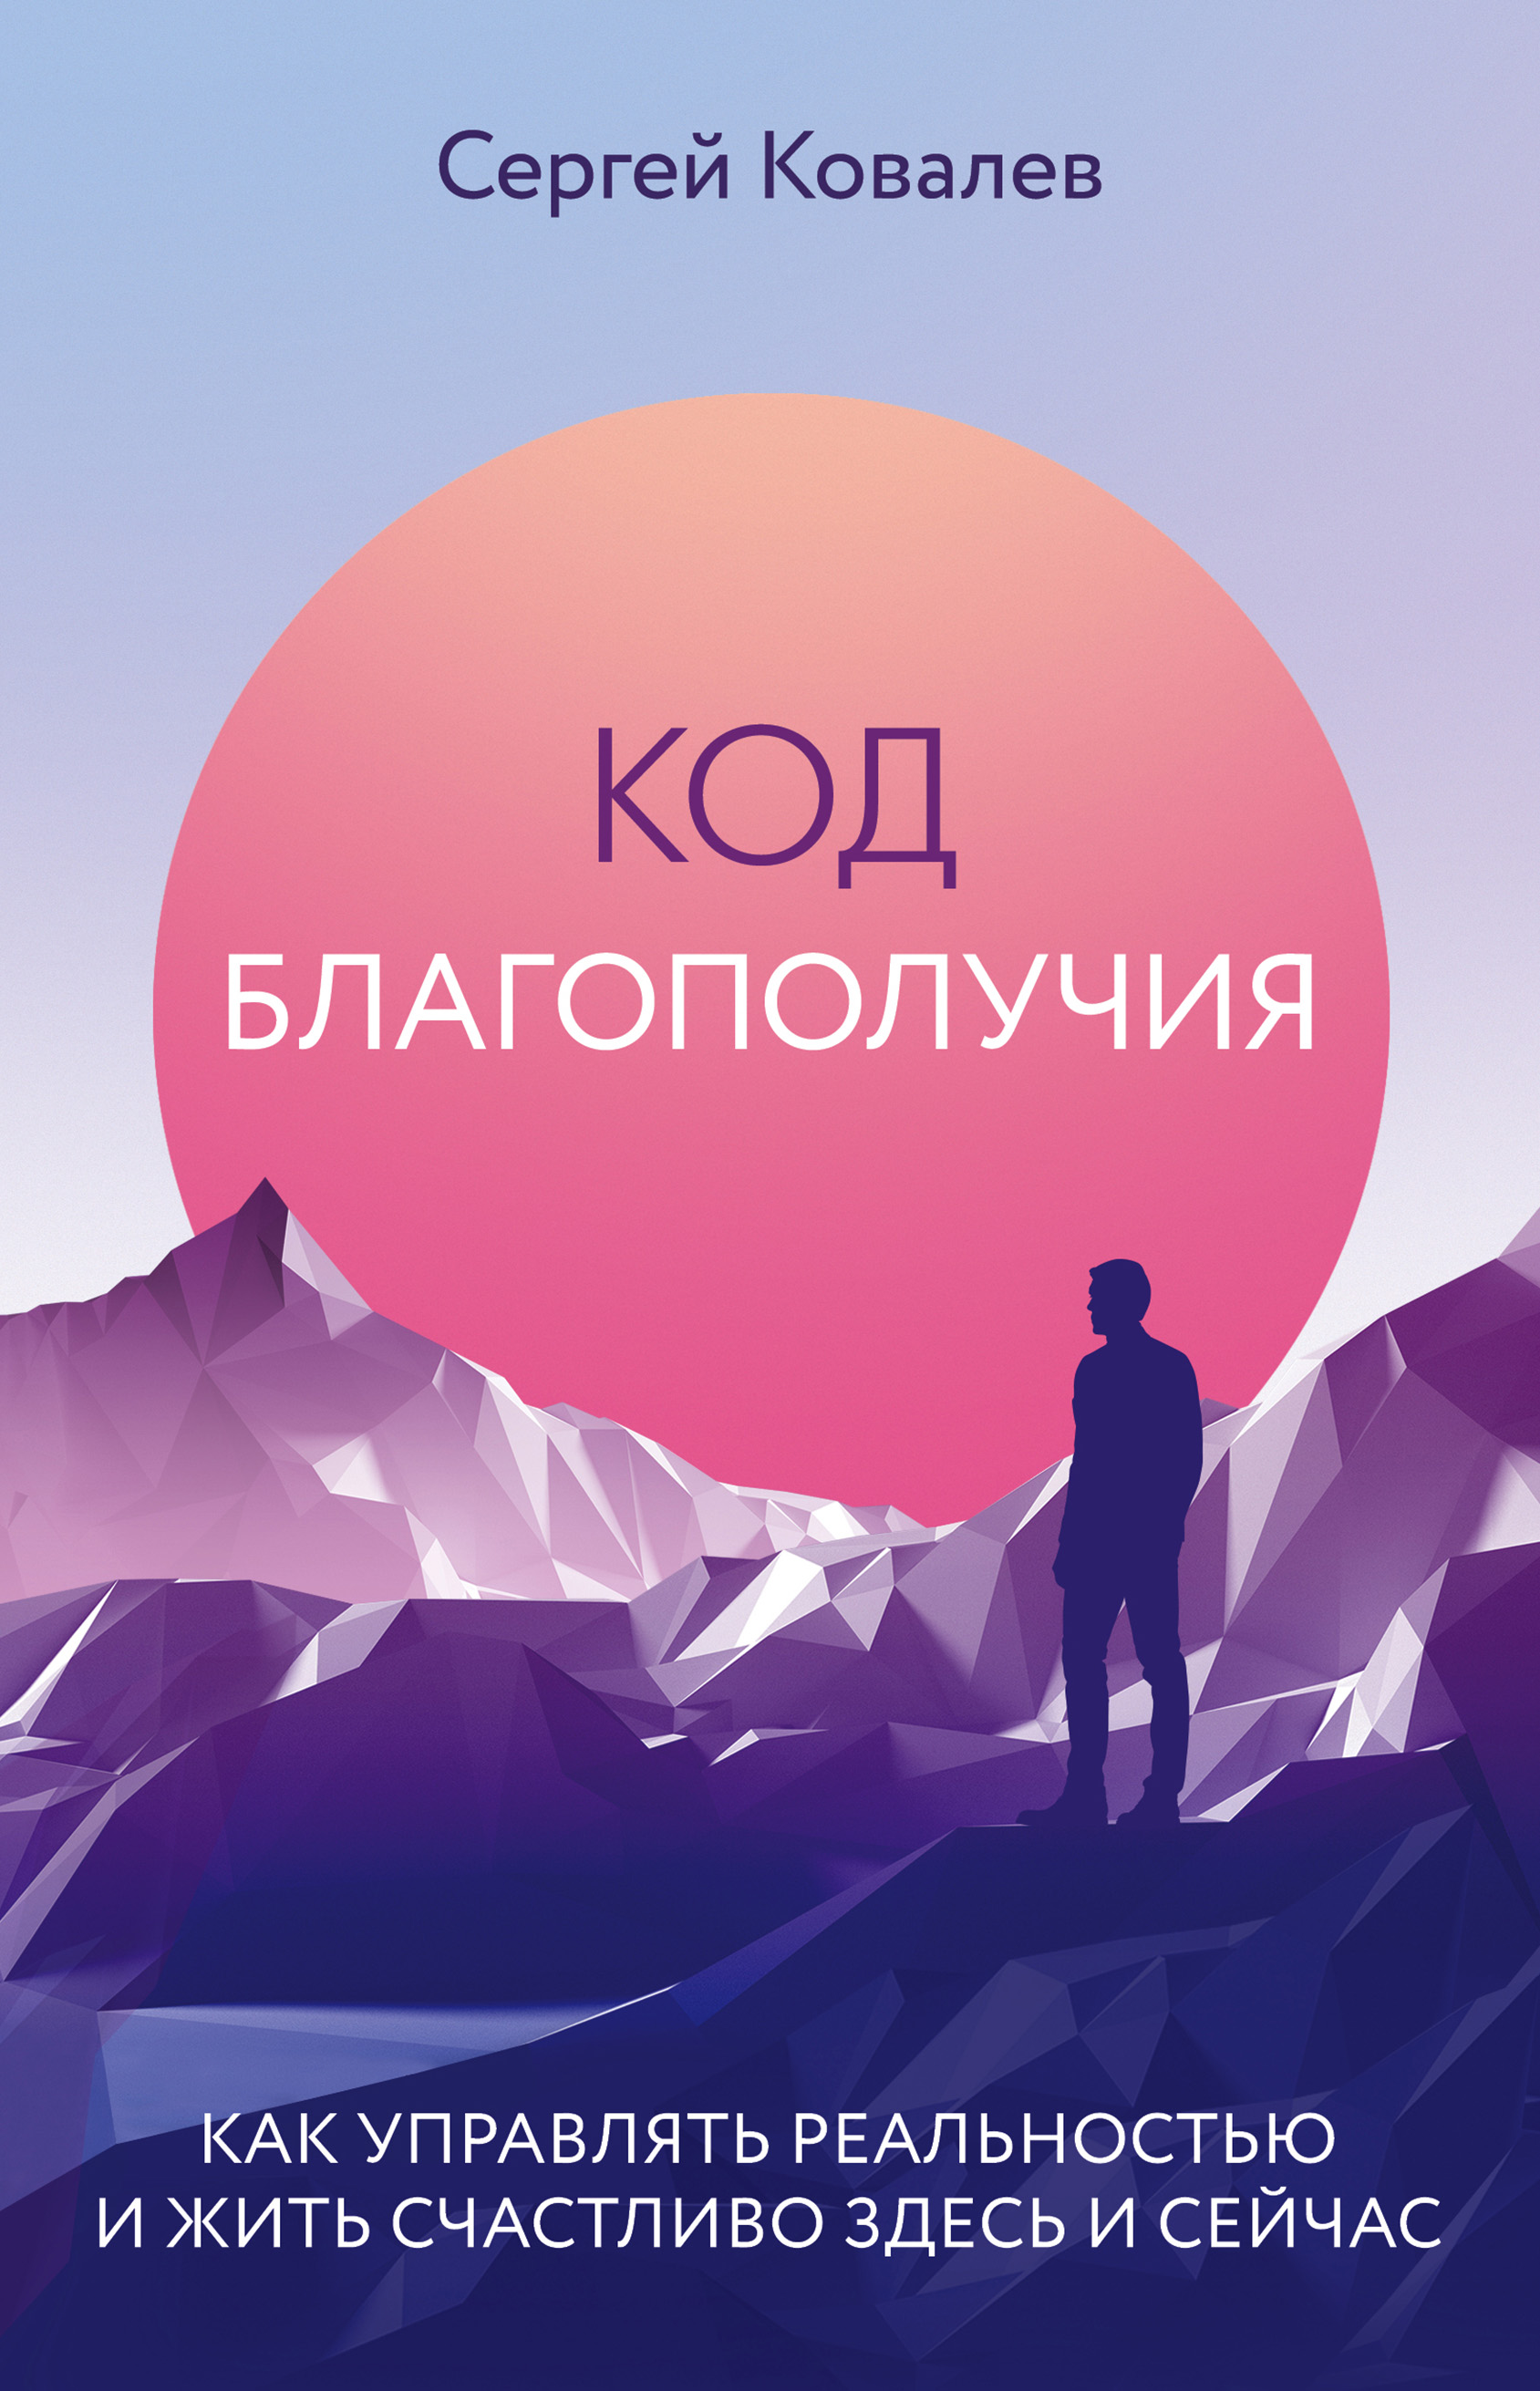 Сергей Ковалев Код благополучия робин шарма великая книга успеха и счастья от монаха который продал свой феррари сборник